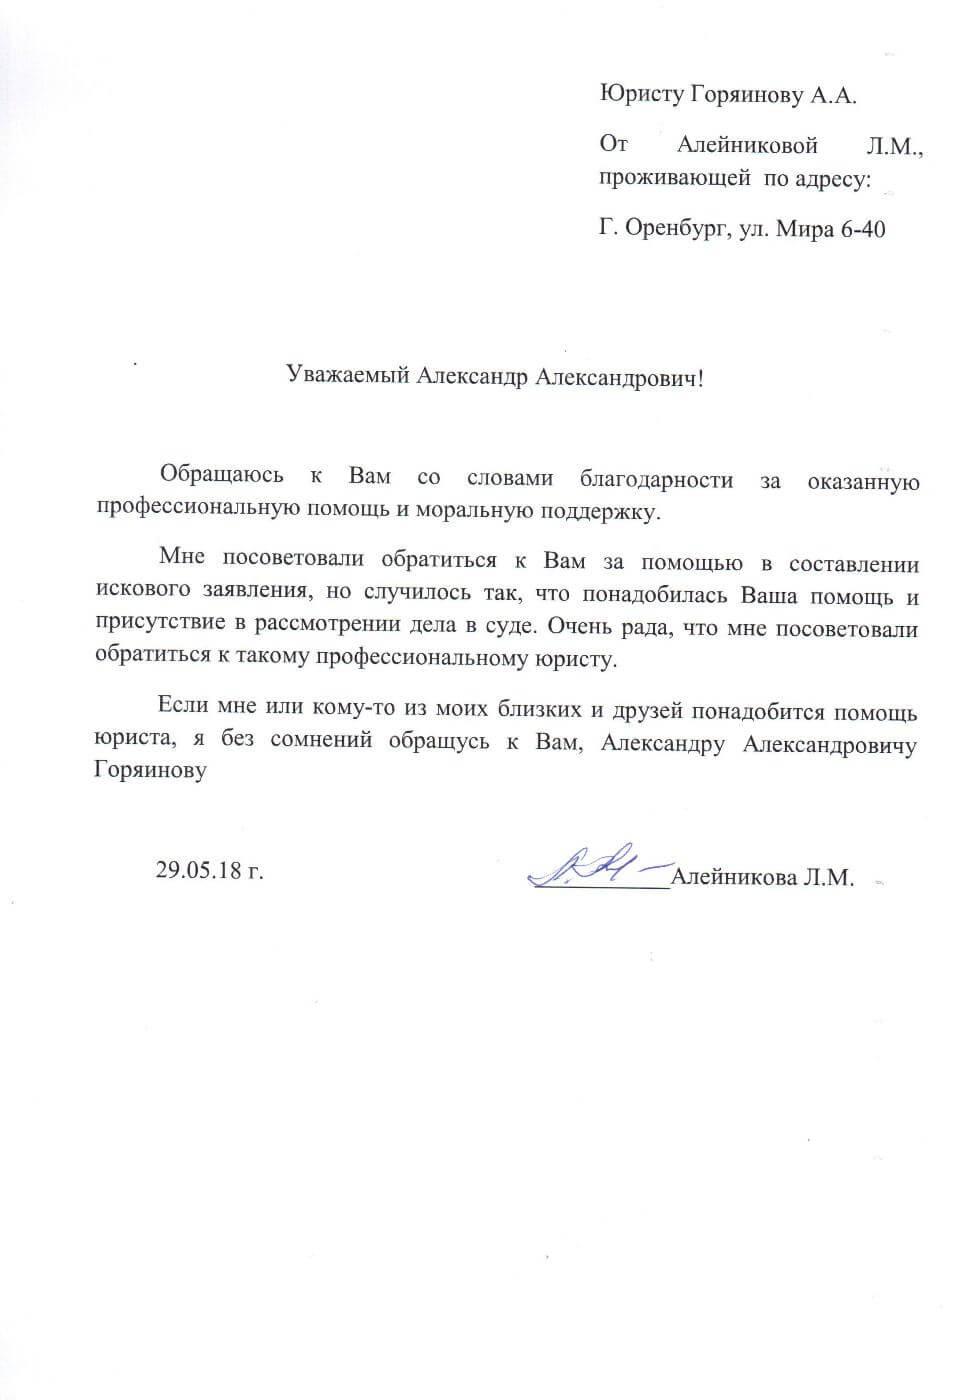 Рекомендация от Алейниковой Л. М.